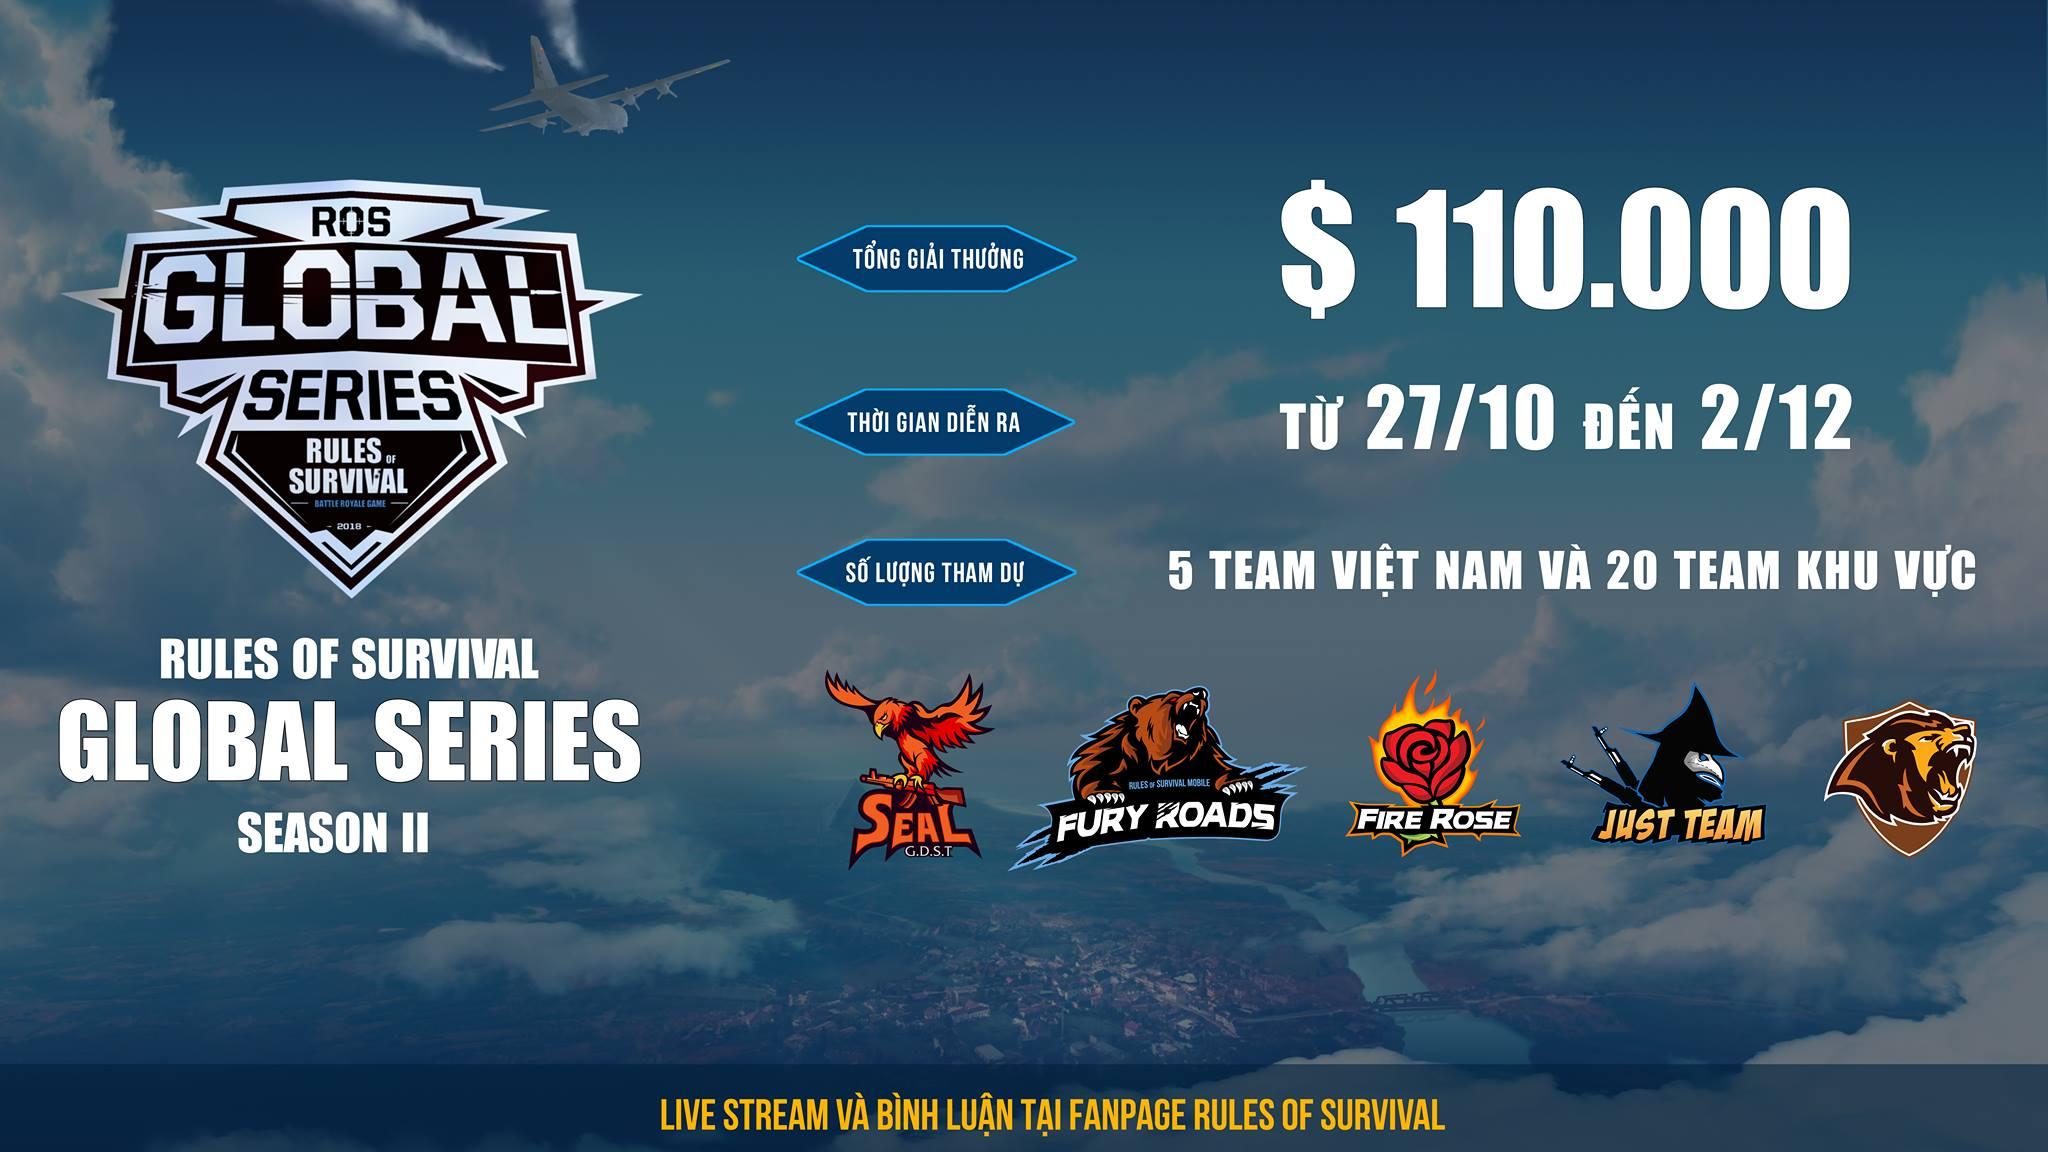 ROS Mobile Global Series: Các đội tuyển Việt Nam trở lại mạnh mẽ tại tuần thi đấu thứ 3